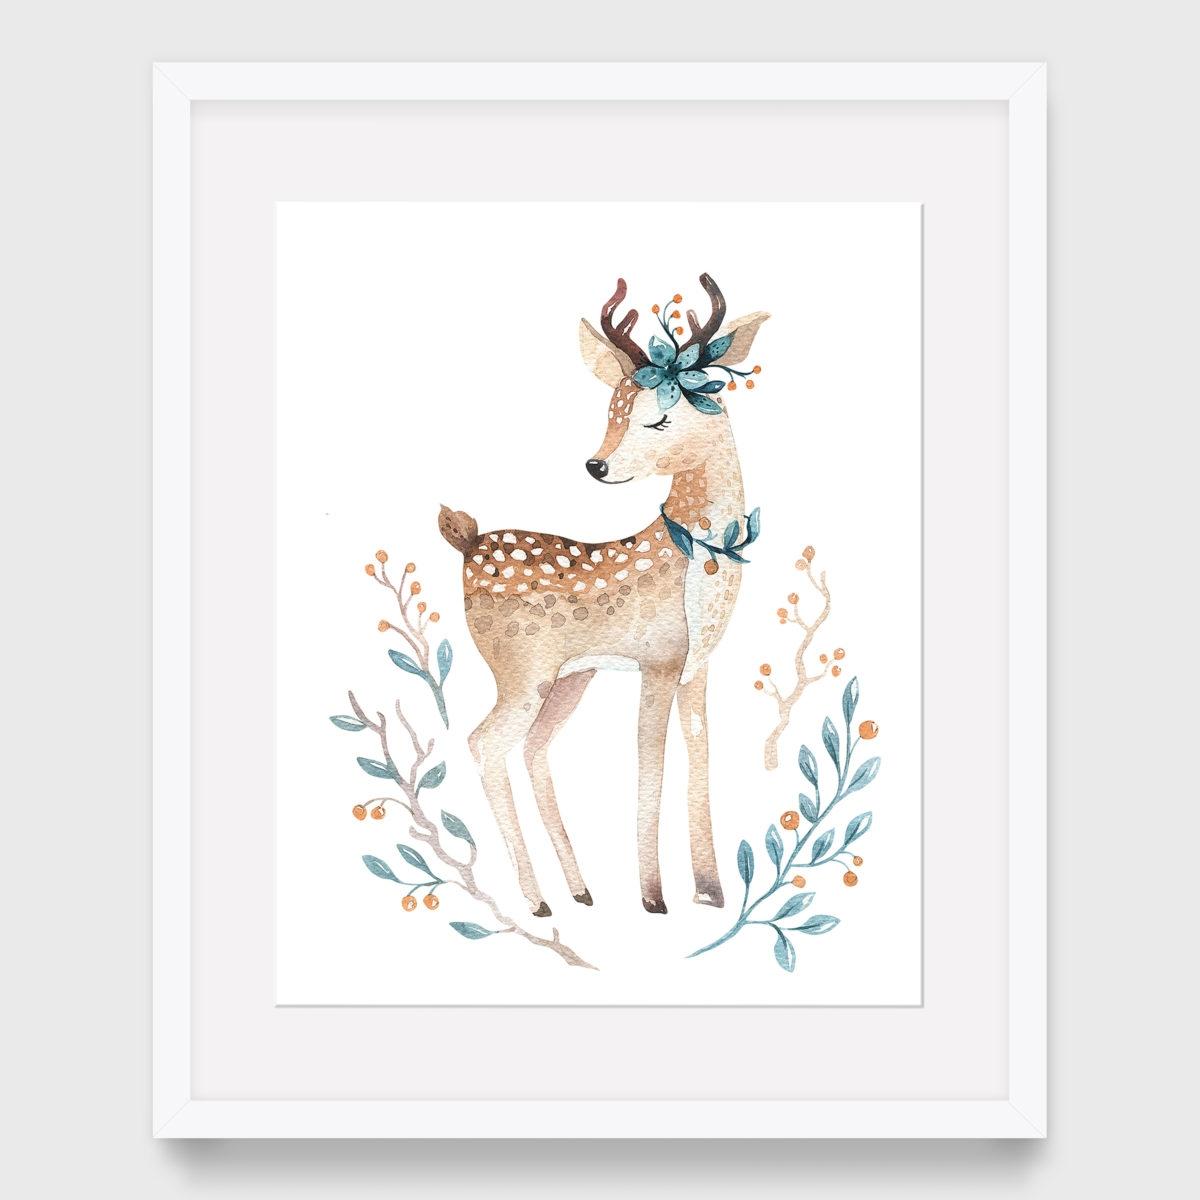 16. Deer